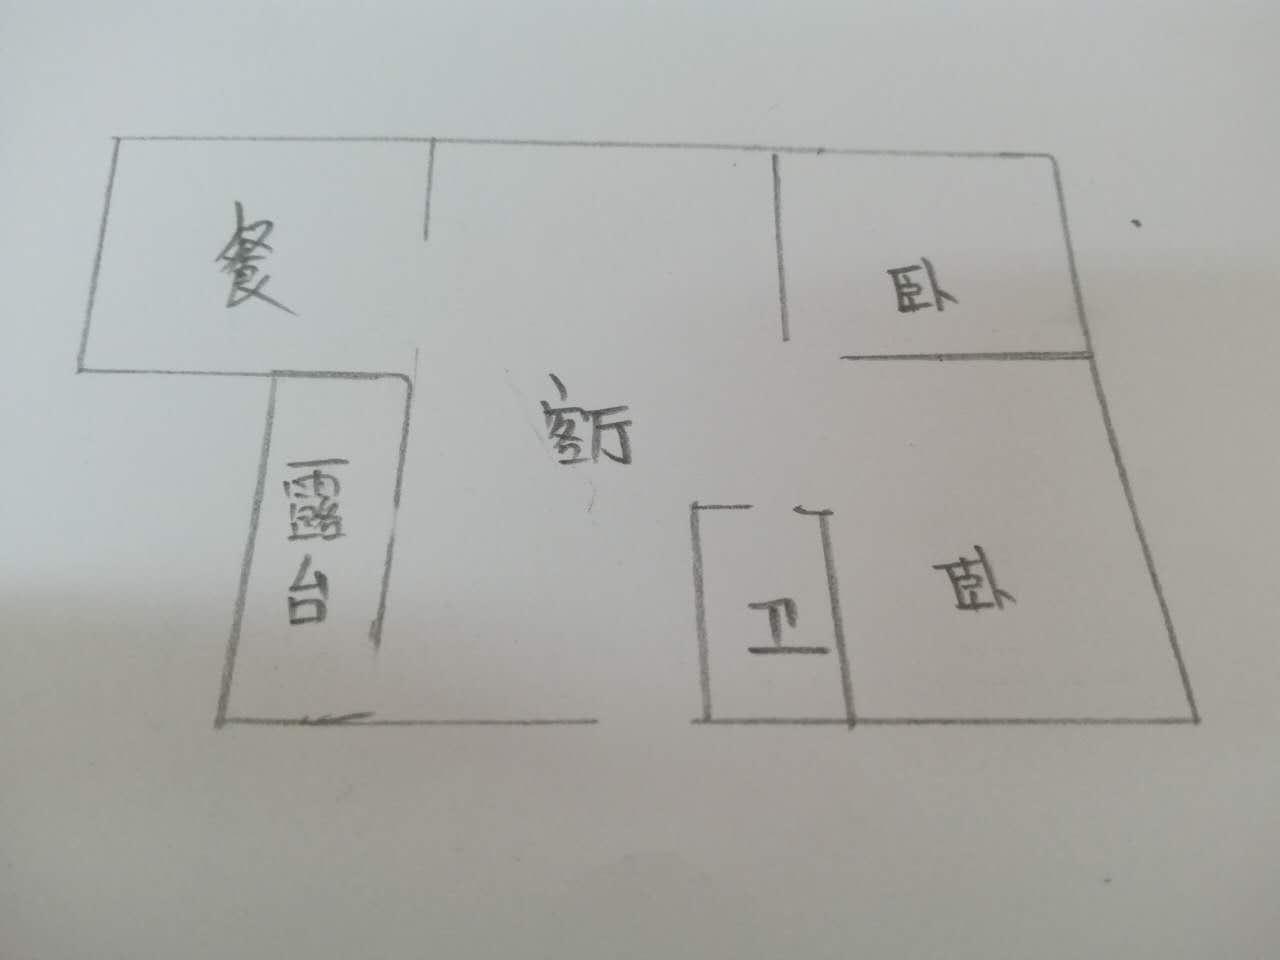 花好月圆 2室2厅 6楼